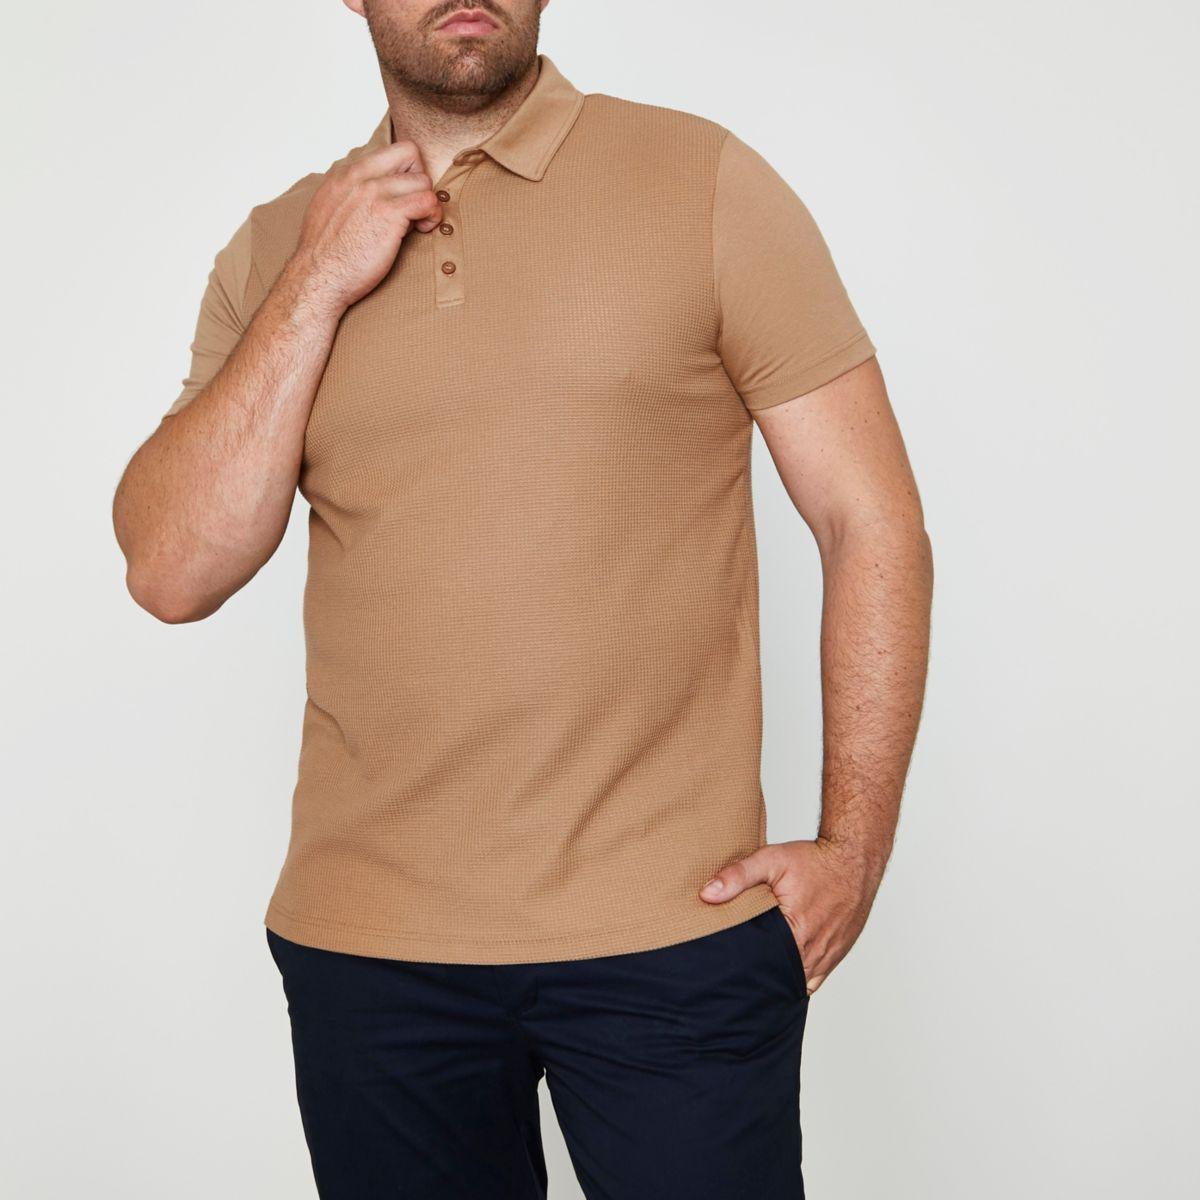 Big and Tall – Polo en tissu gaufré marron clair